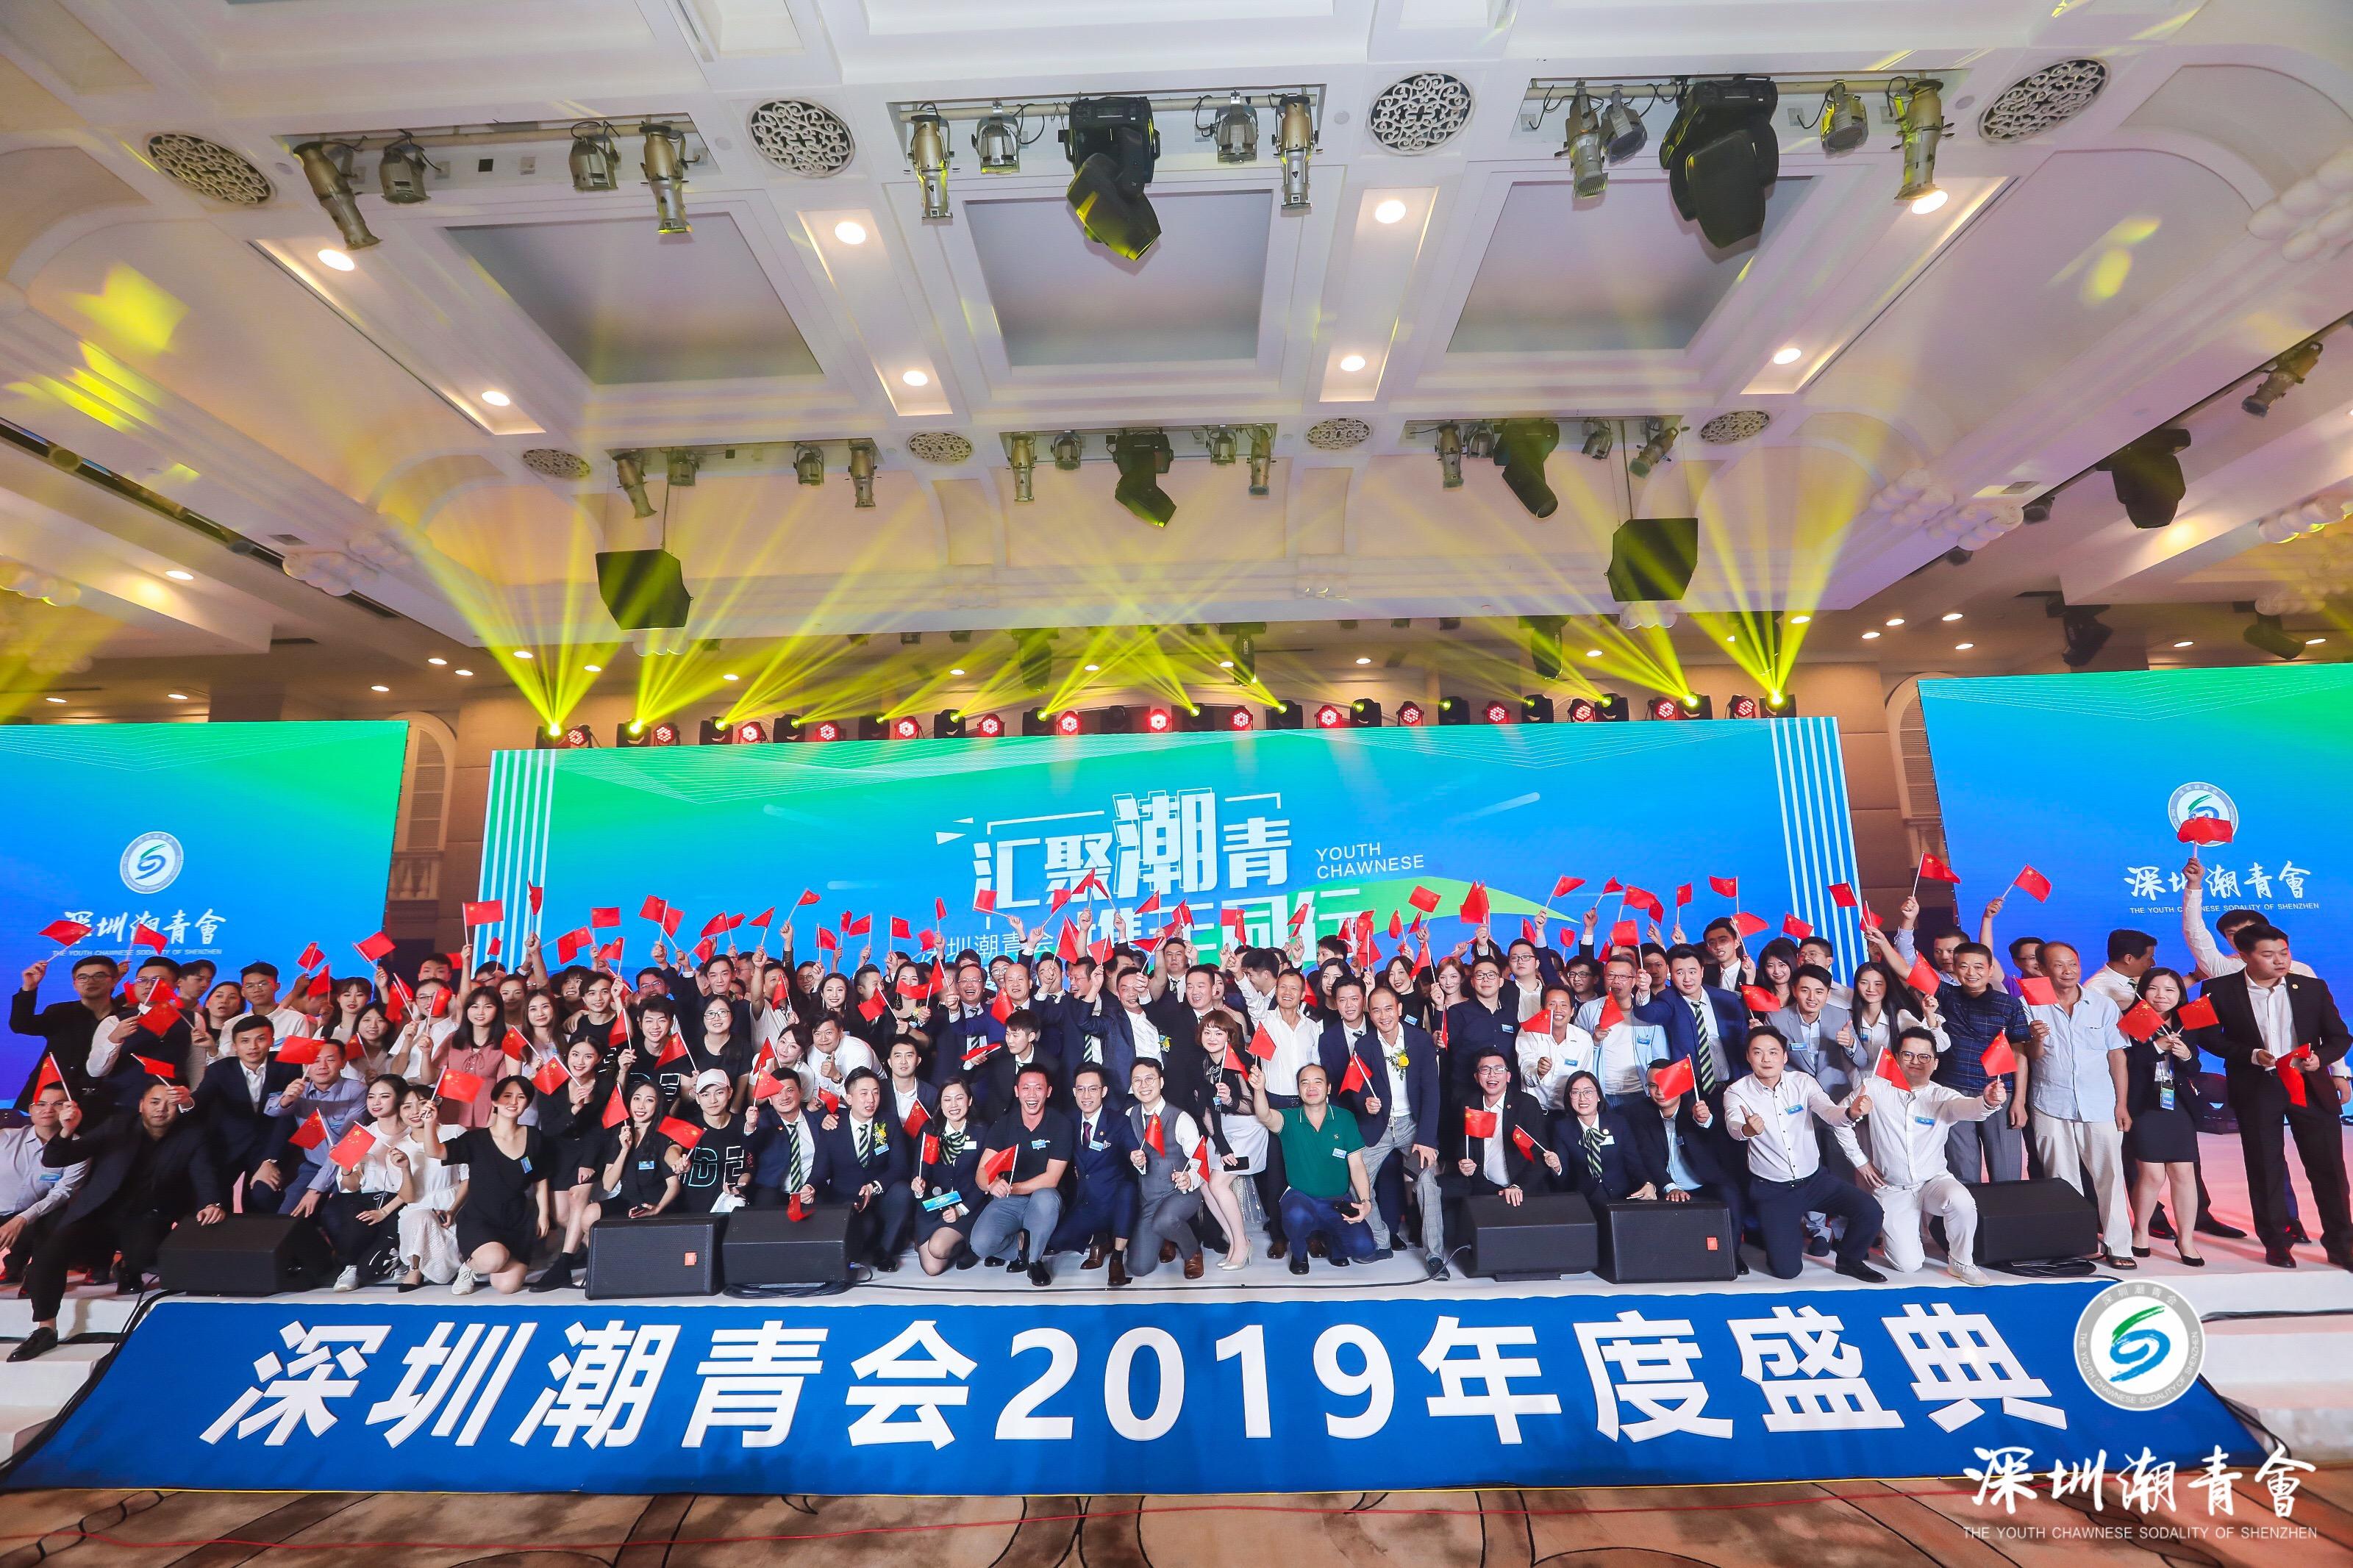 汇聚潮青,携手同行,深圳潮青会2019年度盛典感恩有您!